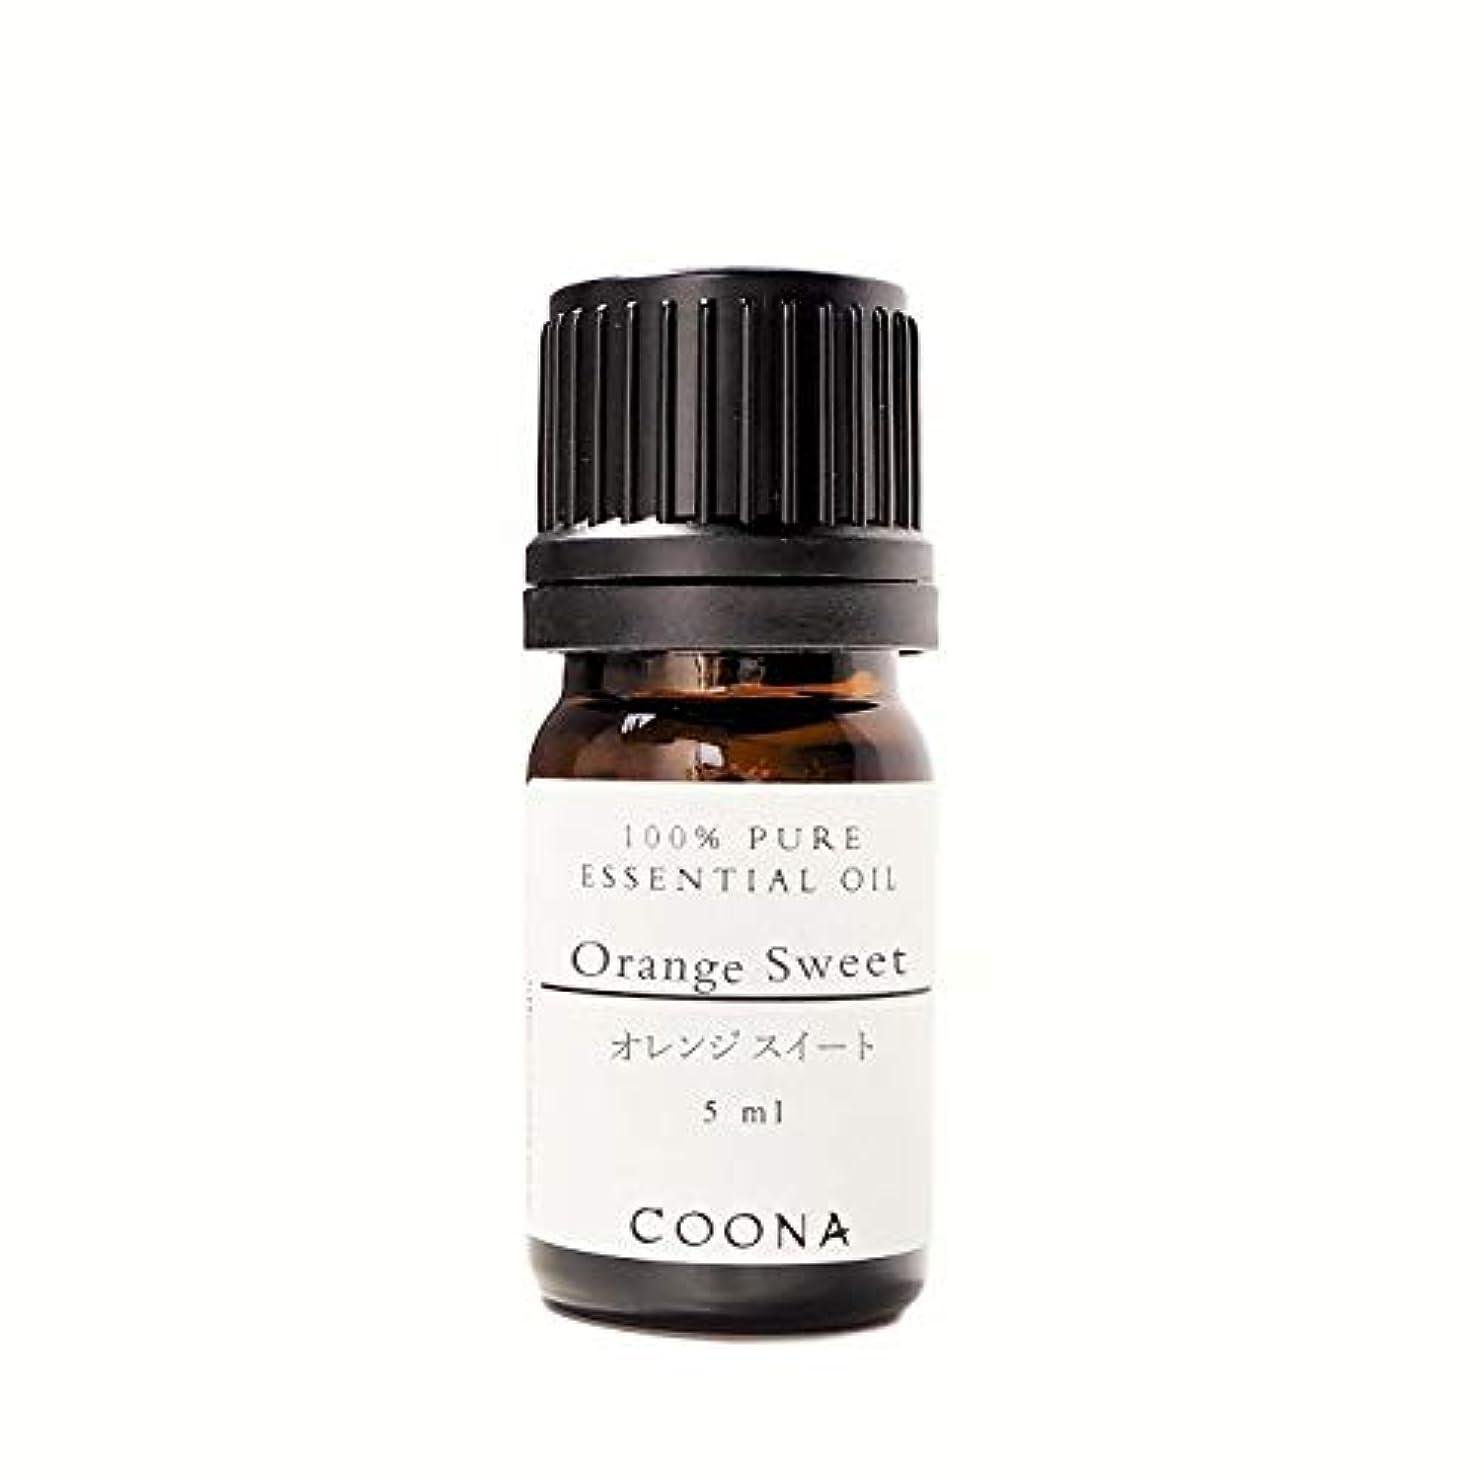 クスコ楽なはしごオレンジ スイート 5 ml (COONA エッセンシャルオイル アロマオイル 100%天然植物精油)